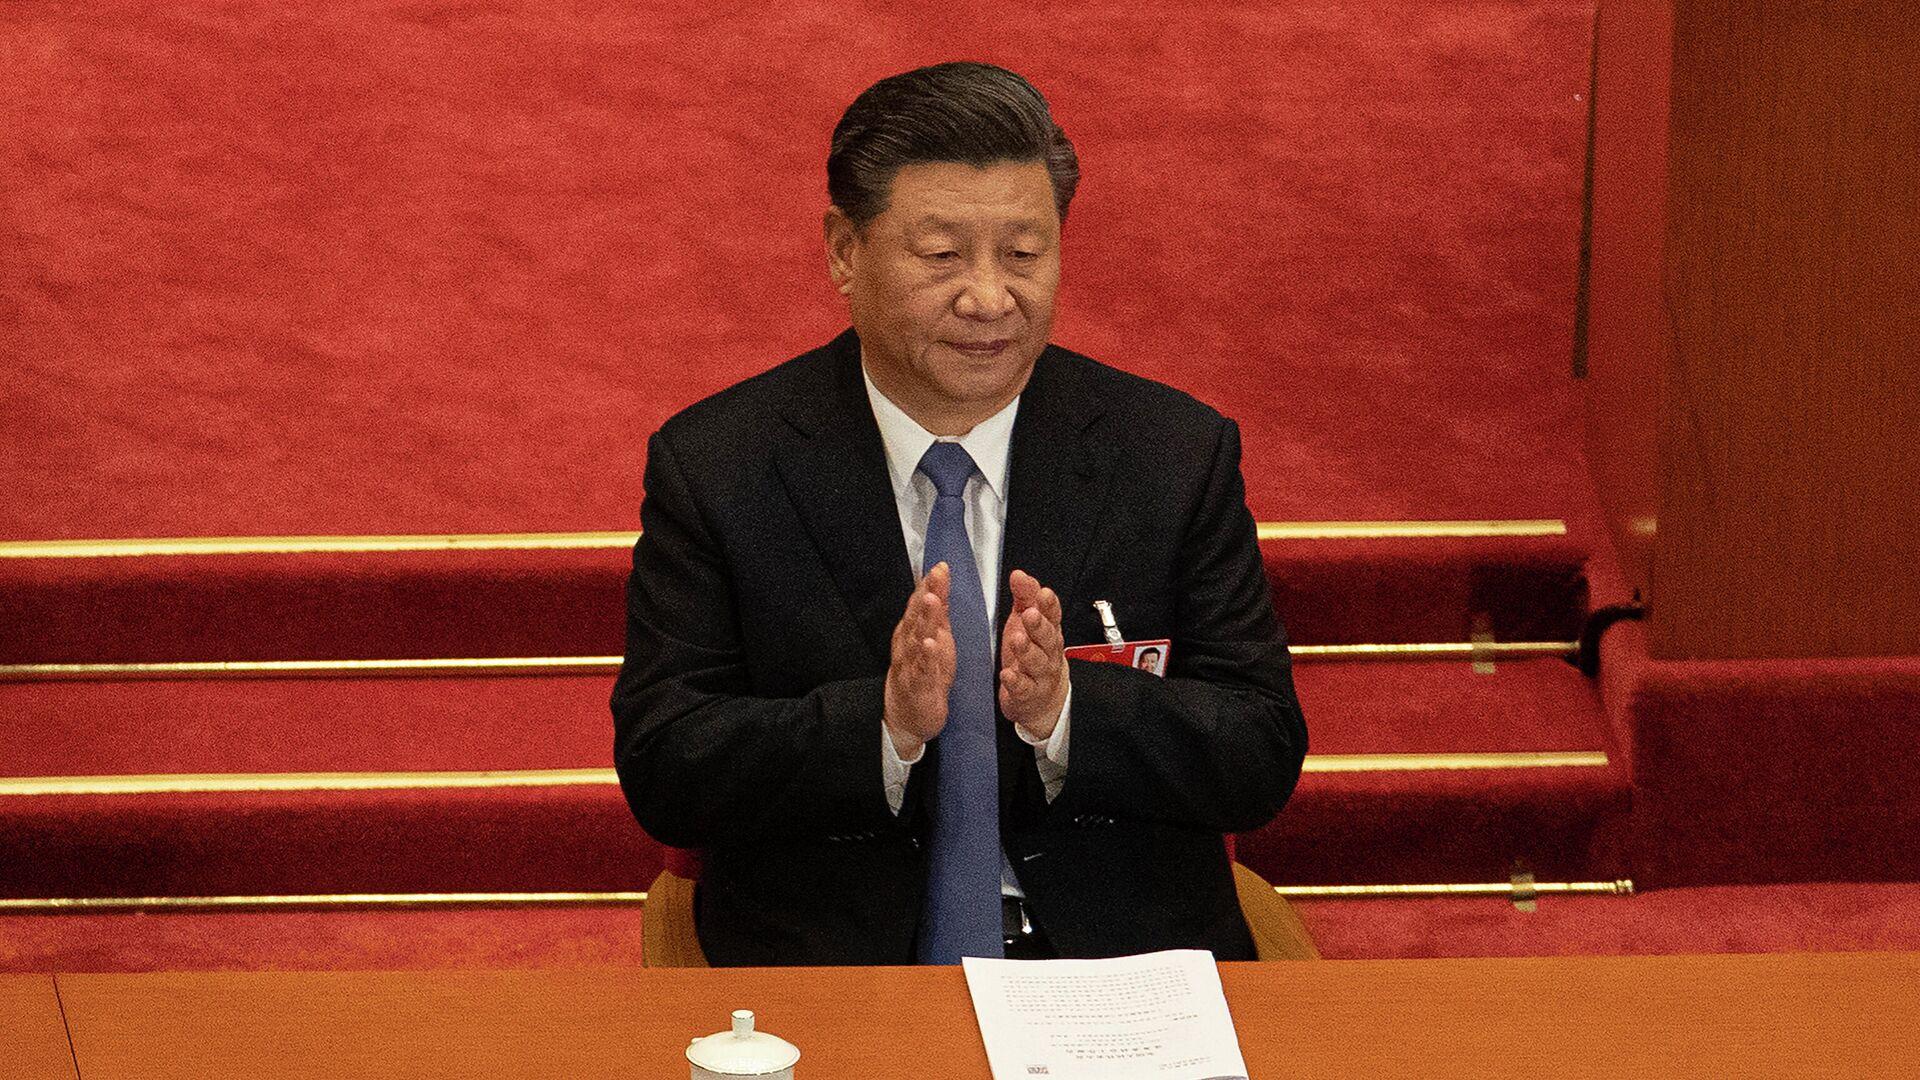 Председатель КНР Си Цзиньпин во время заседания Всекитайского собрания народных представителей в Пекине - РИА Новости, 1920, 11.02.2021